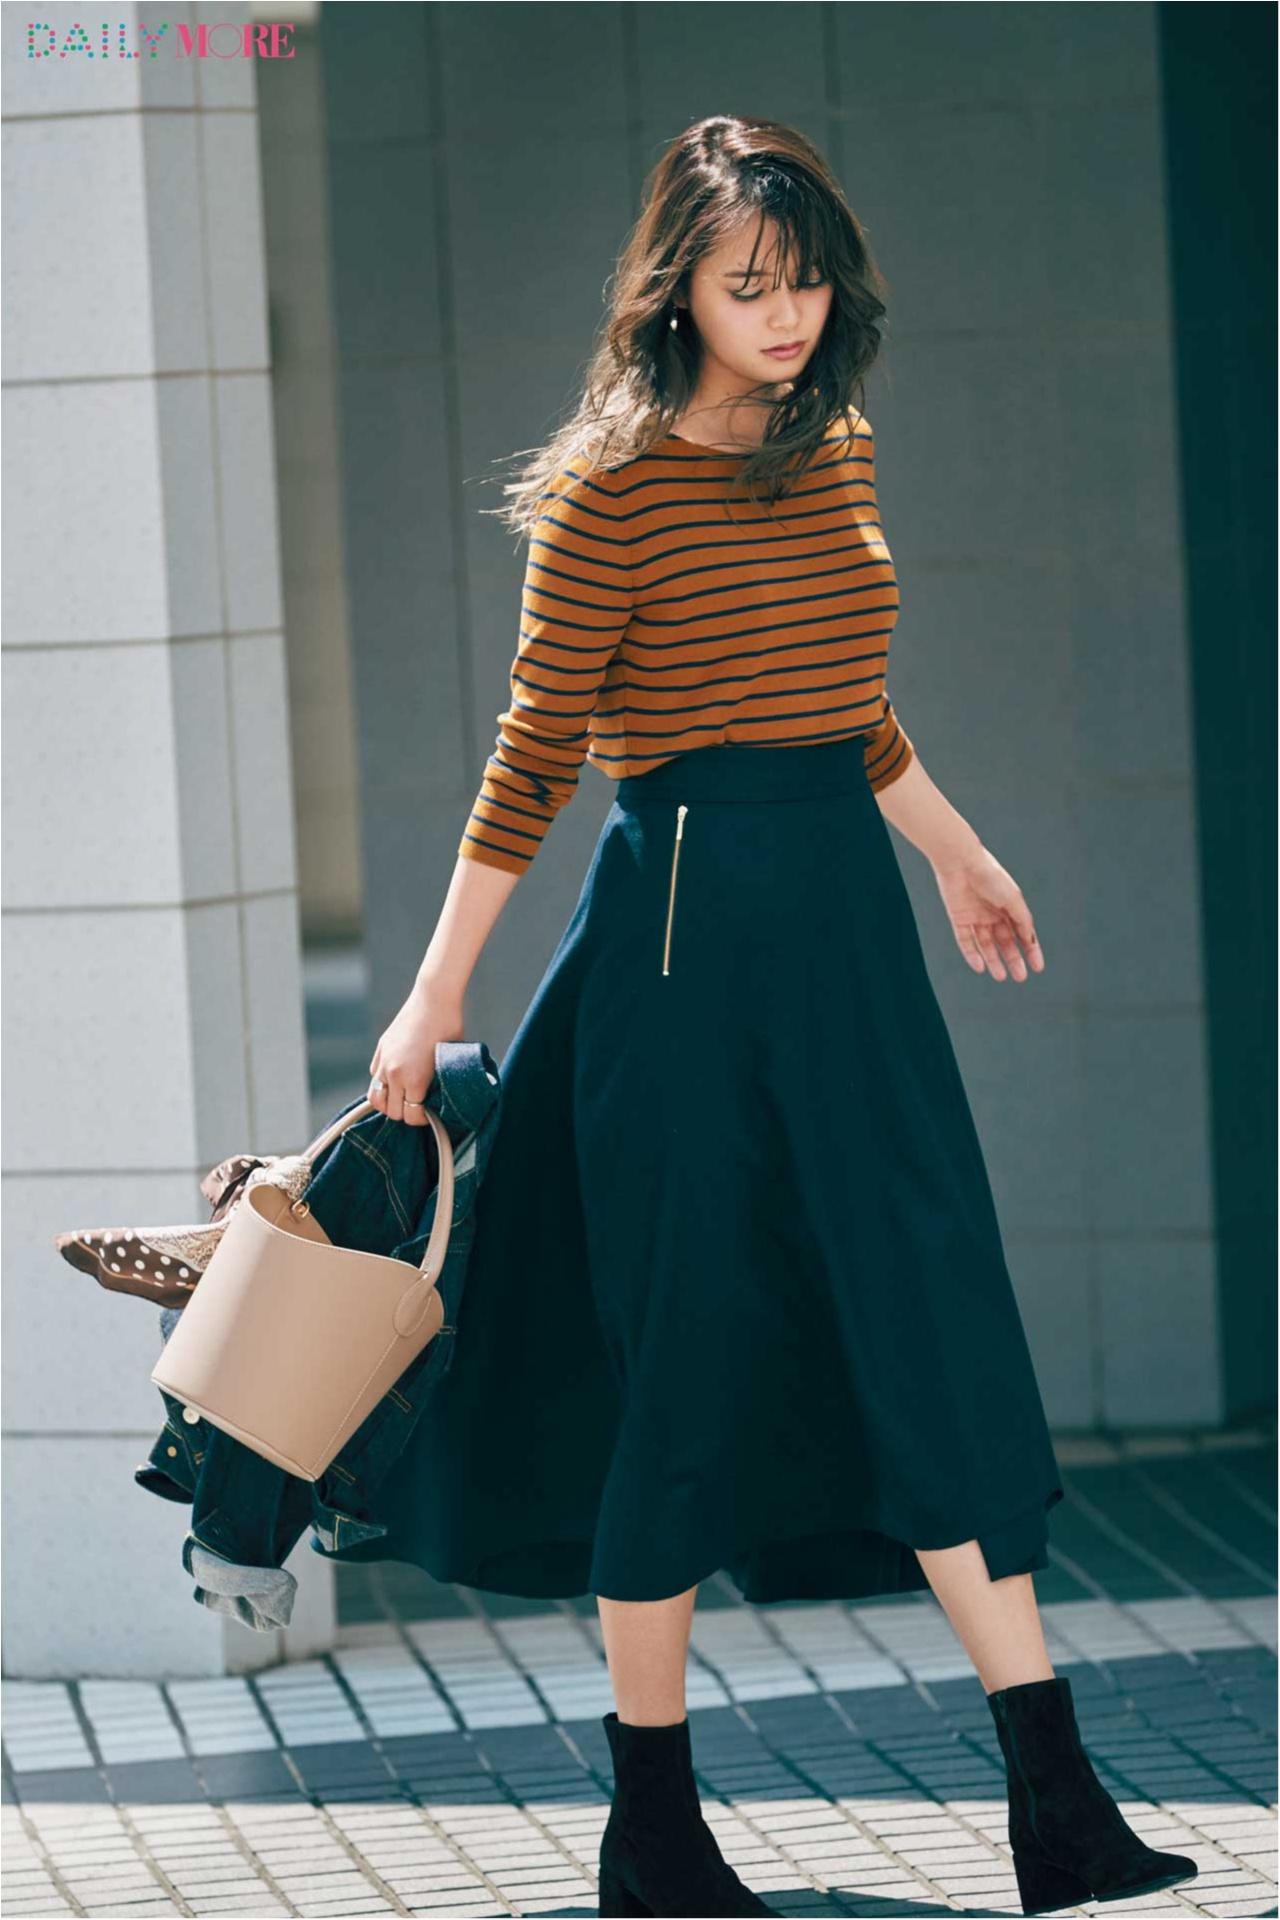 【今日のコーデ/岸本セシル】秋はボーダーを女らしく着てみる。スタイルよく見えるスカートと一緒に♪_1